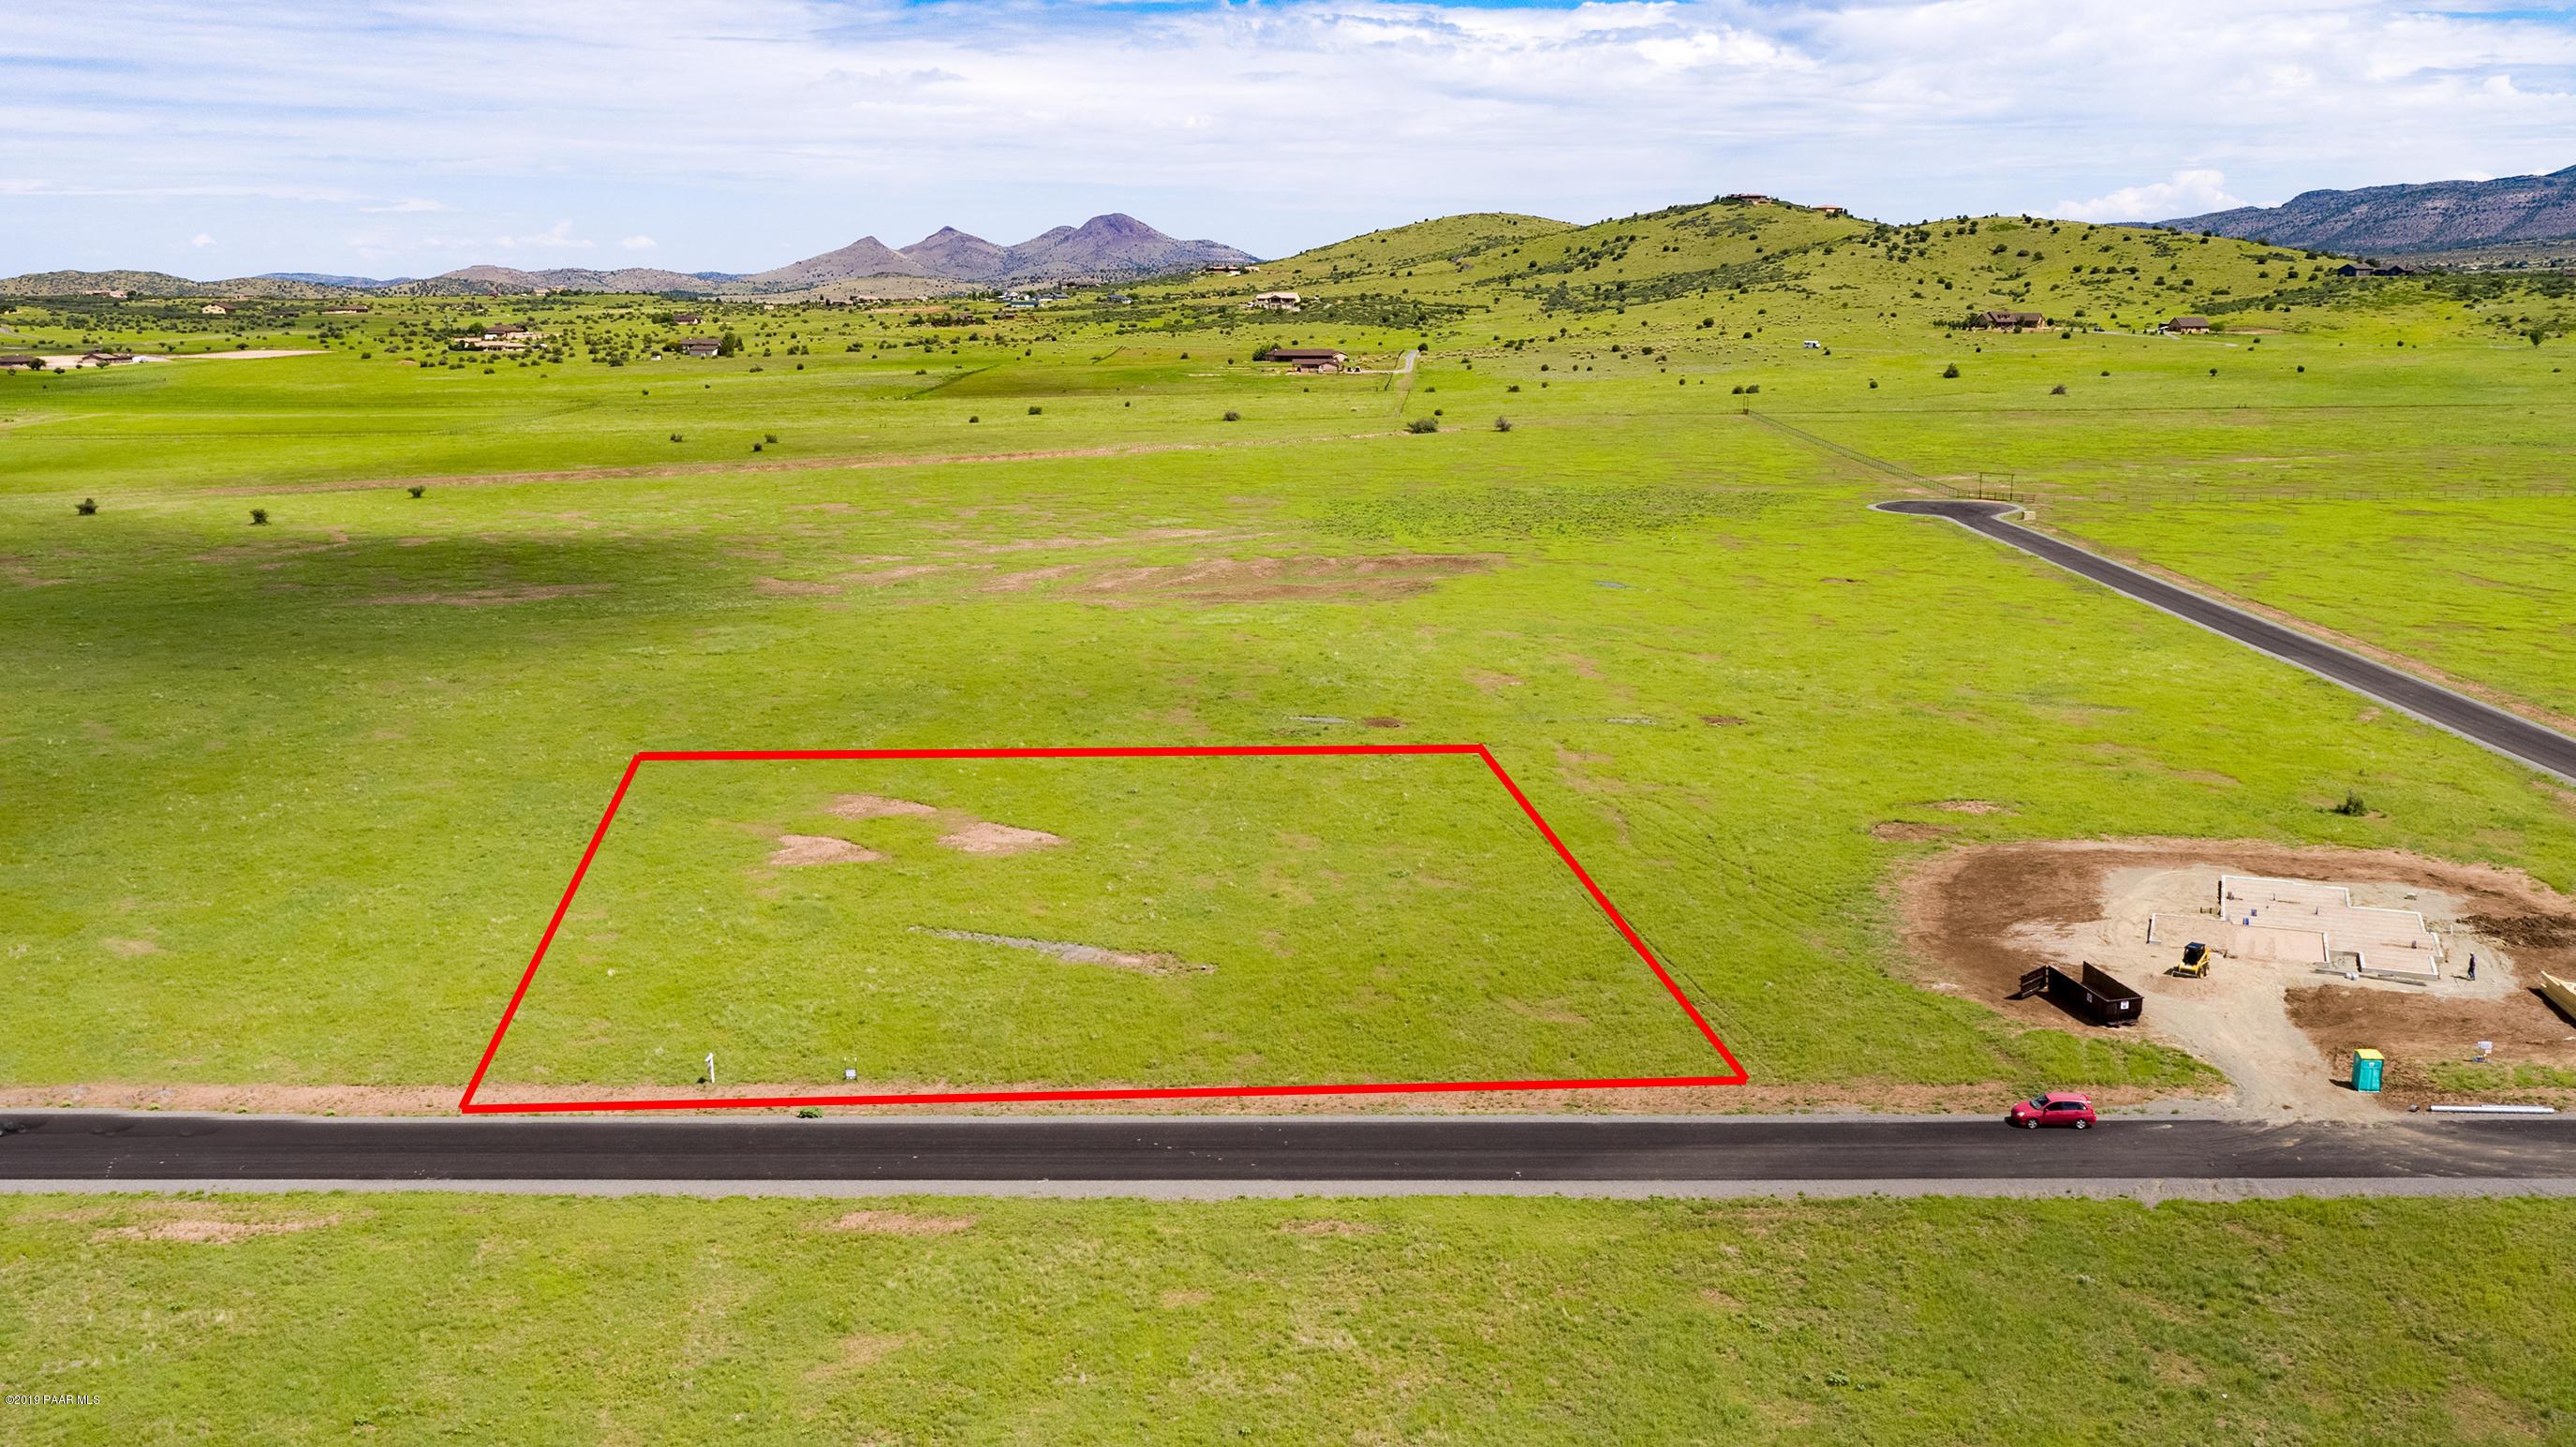 Tbd E Side Saddle, Prescott Valley, Arizona